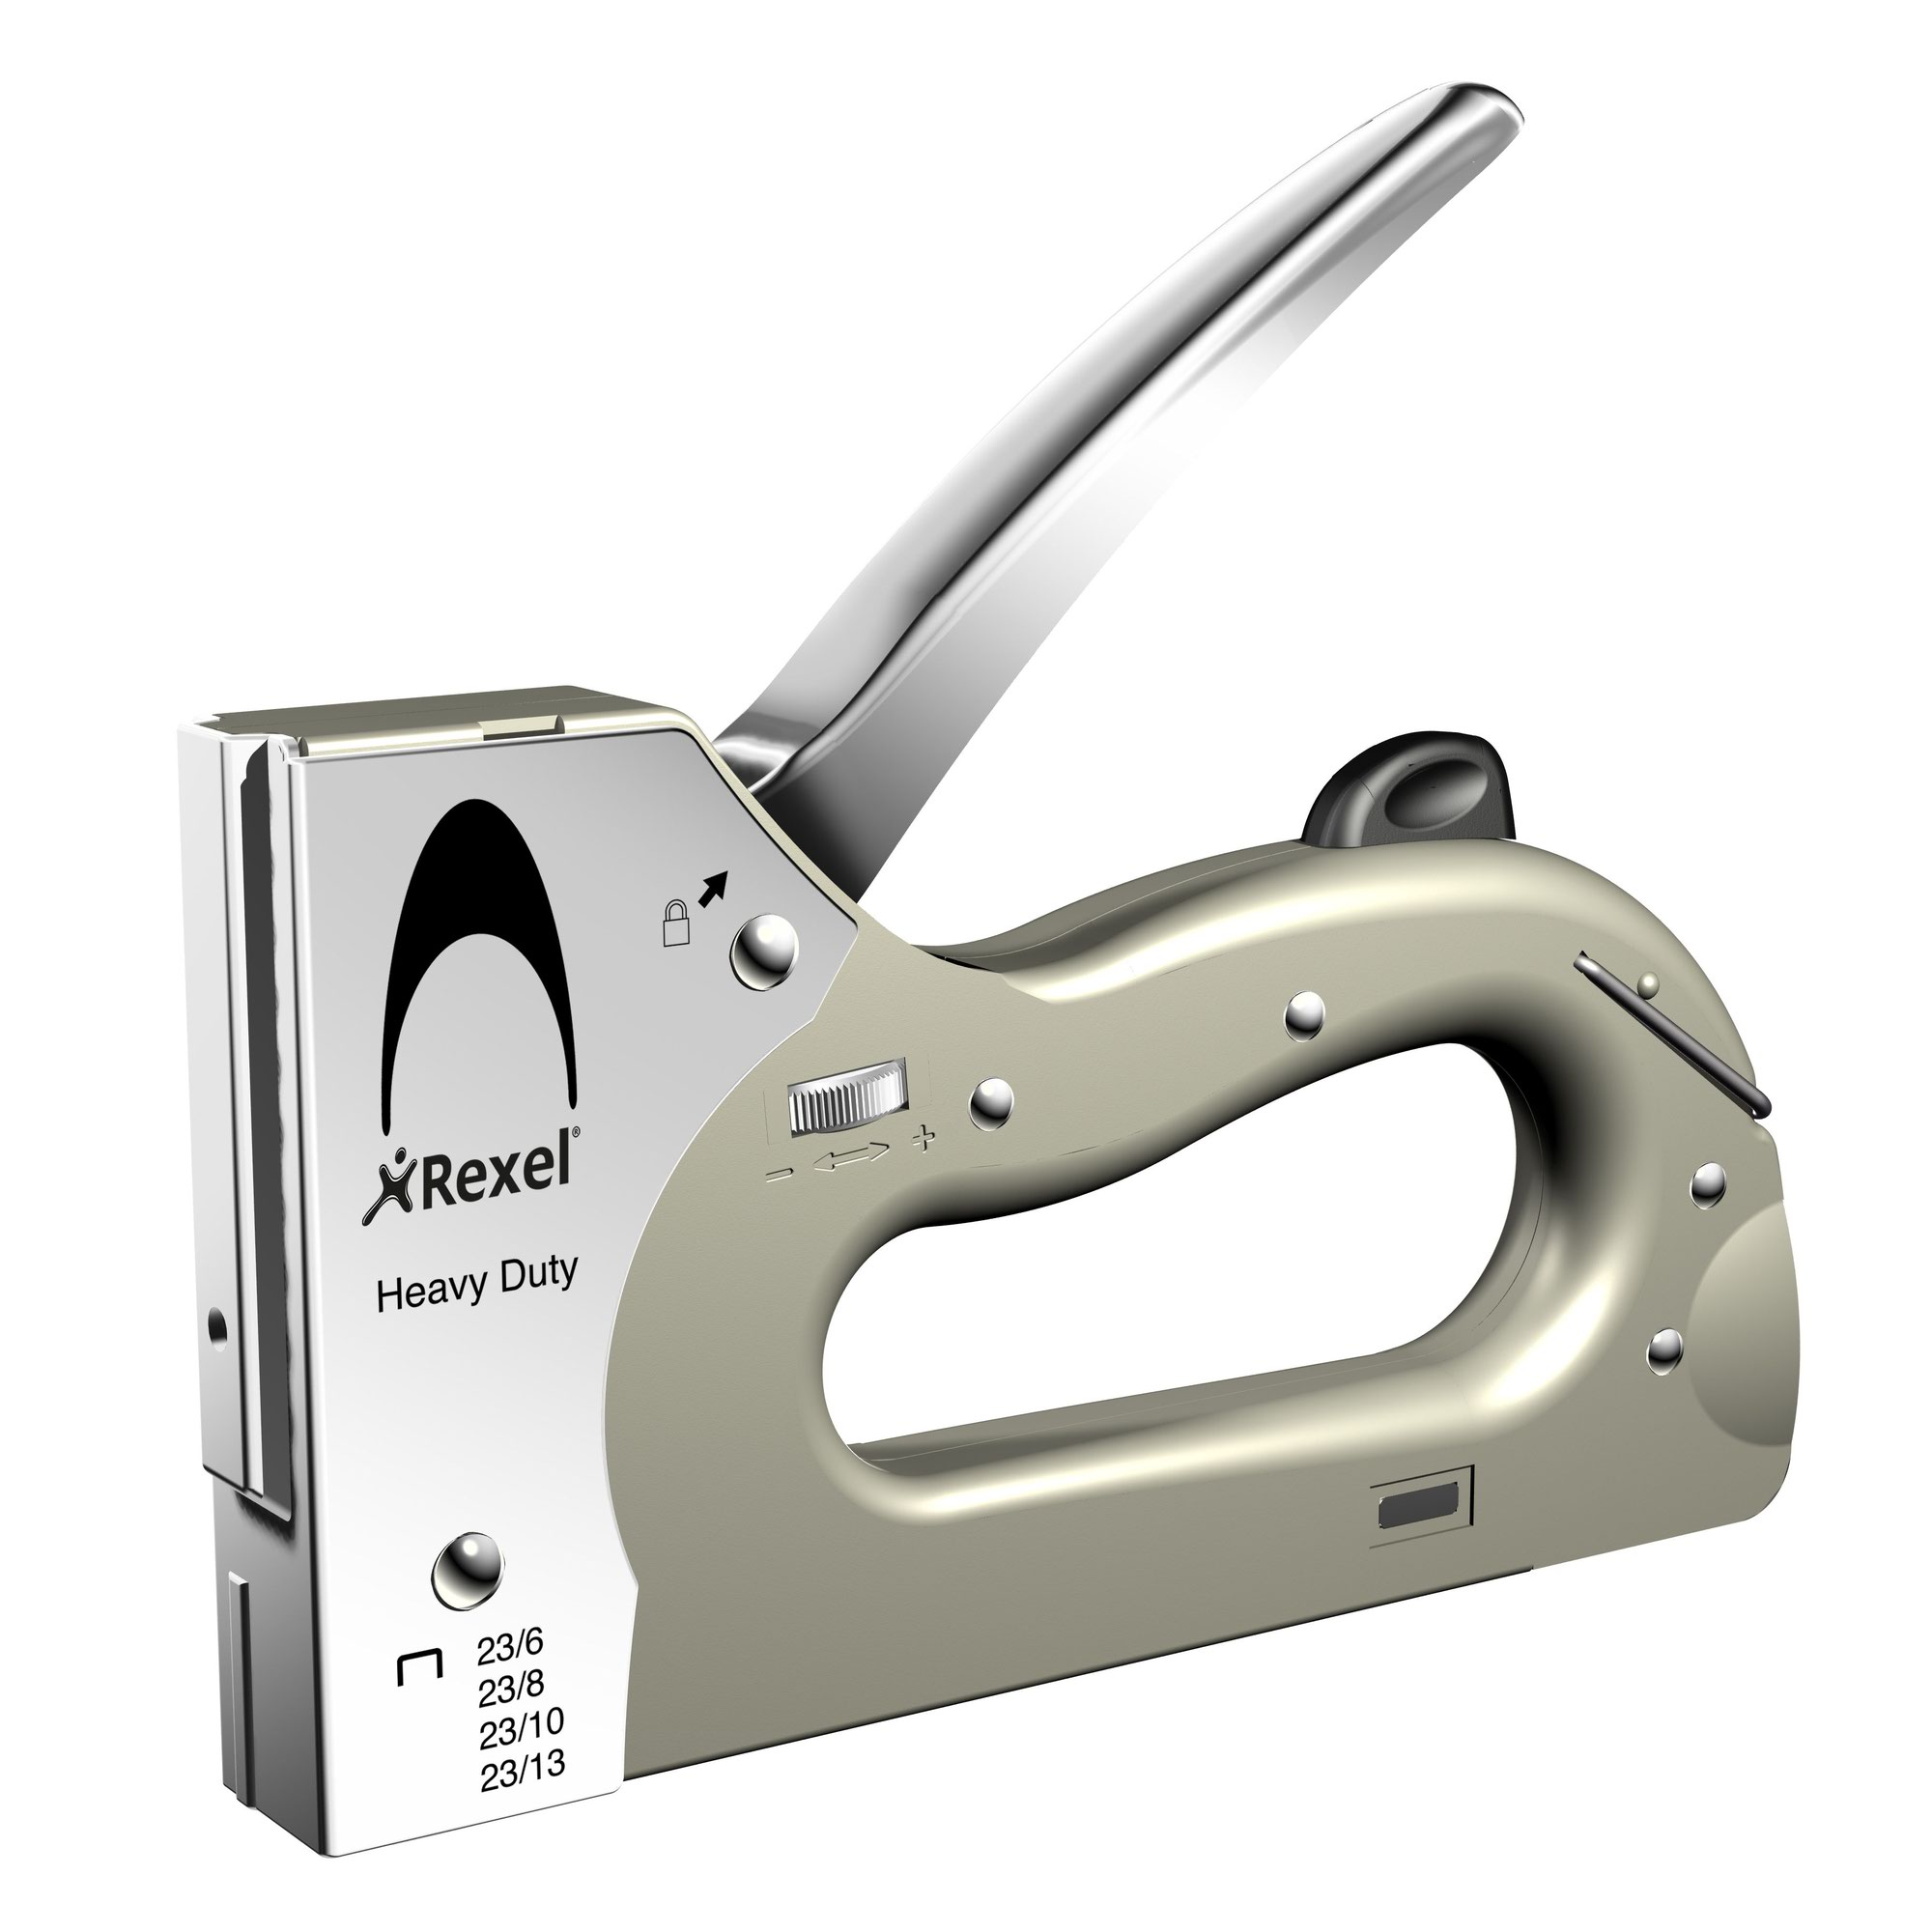 Rexel Heavy Duty Tacker 2101209